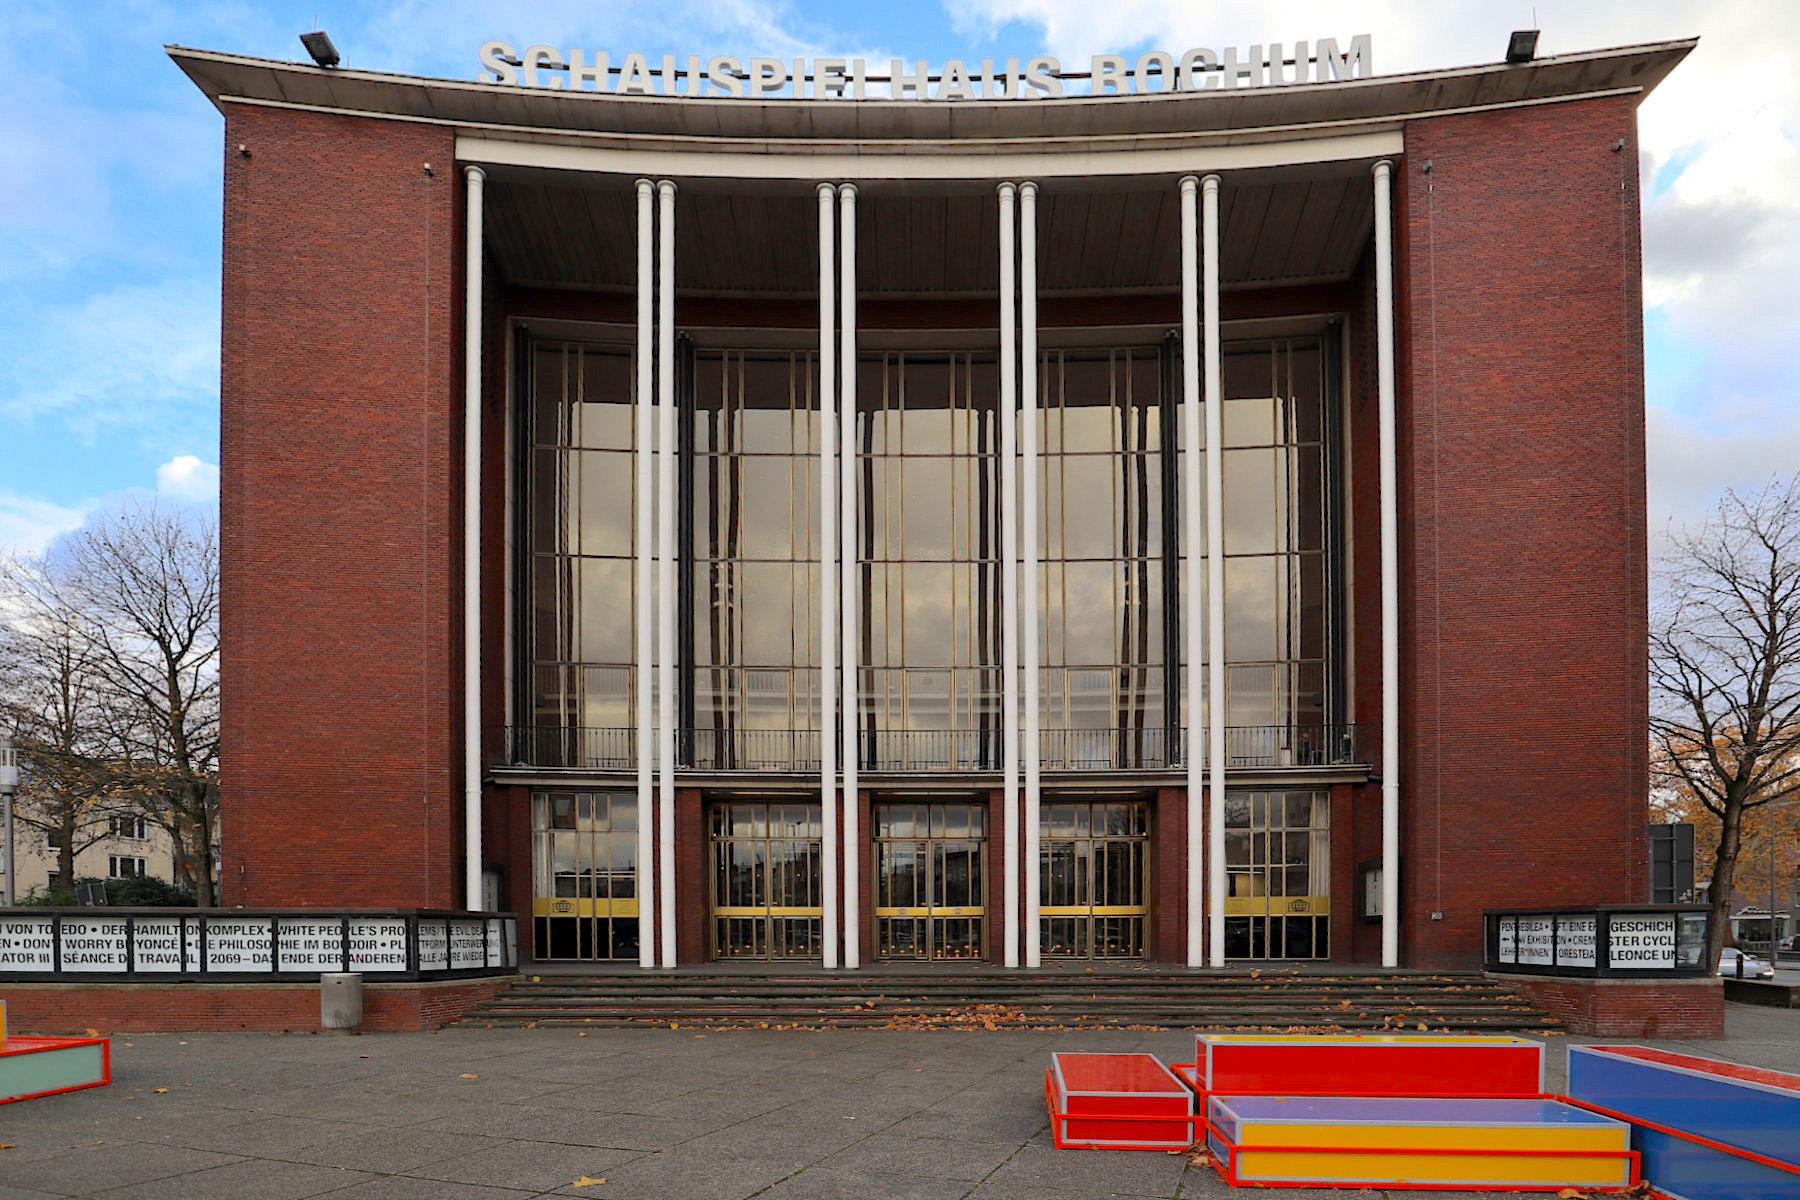 Schauspielhaus Bochum. Das alte Stadttheater wurde im Zweiten Weltkrieg zerstört. Teile des Bühnenhauses und die Fundamente blieben erhalten und wurden in den Neubau von Architekt Graubner integriert.